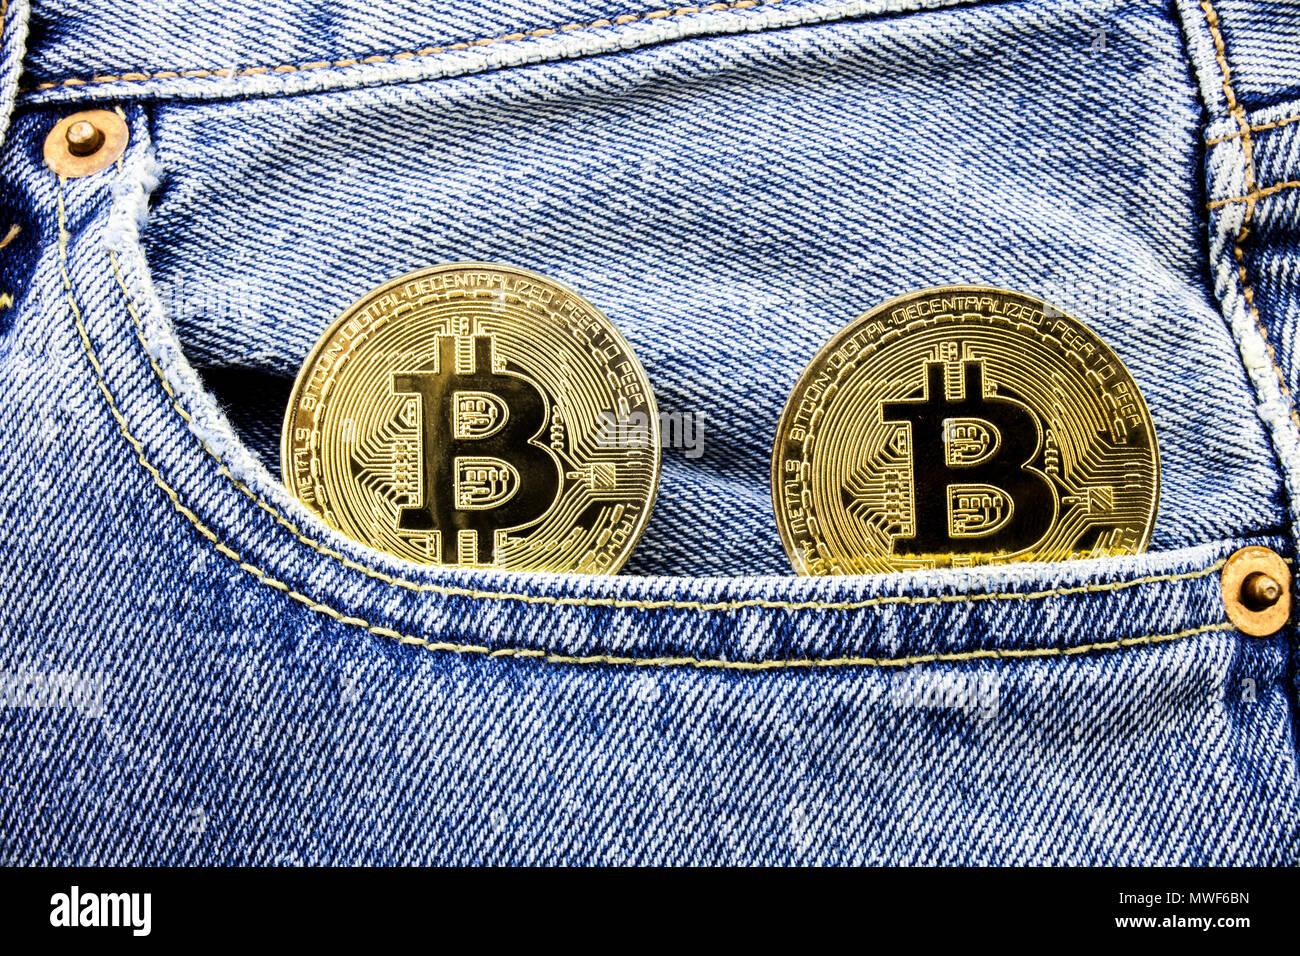 Zwei Goldene Bitcoin Münzen Auf Die Taschen Der Jeans Konzept Der